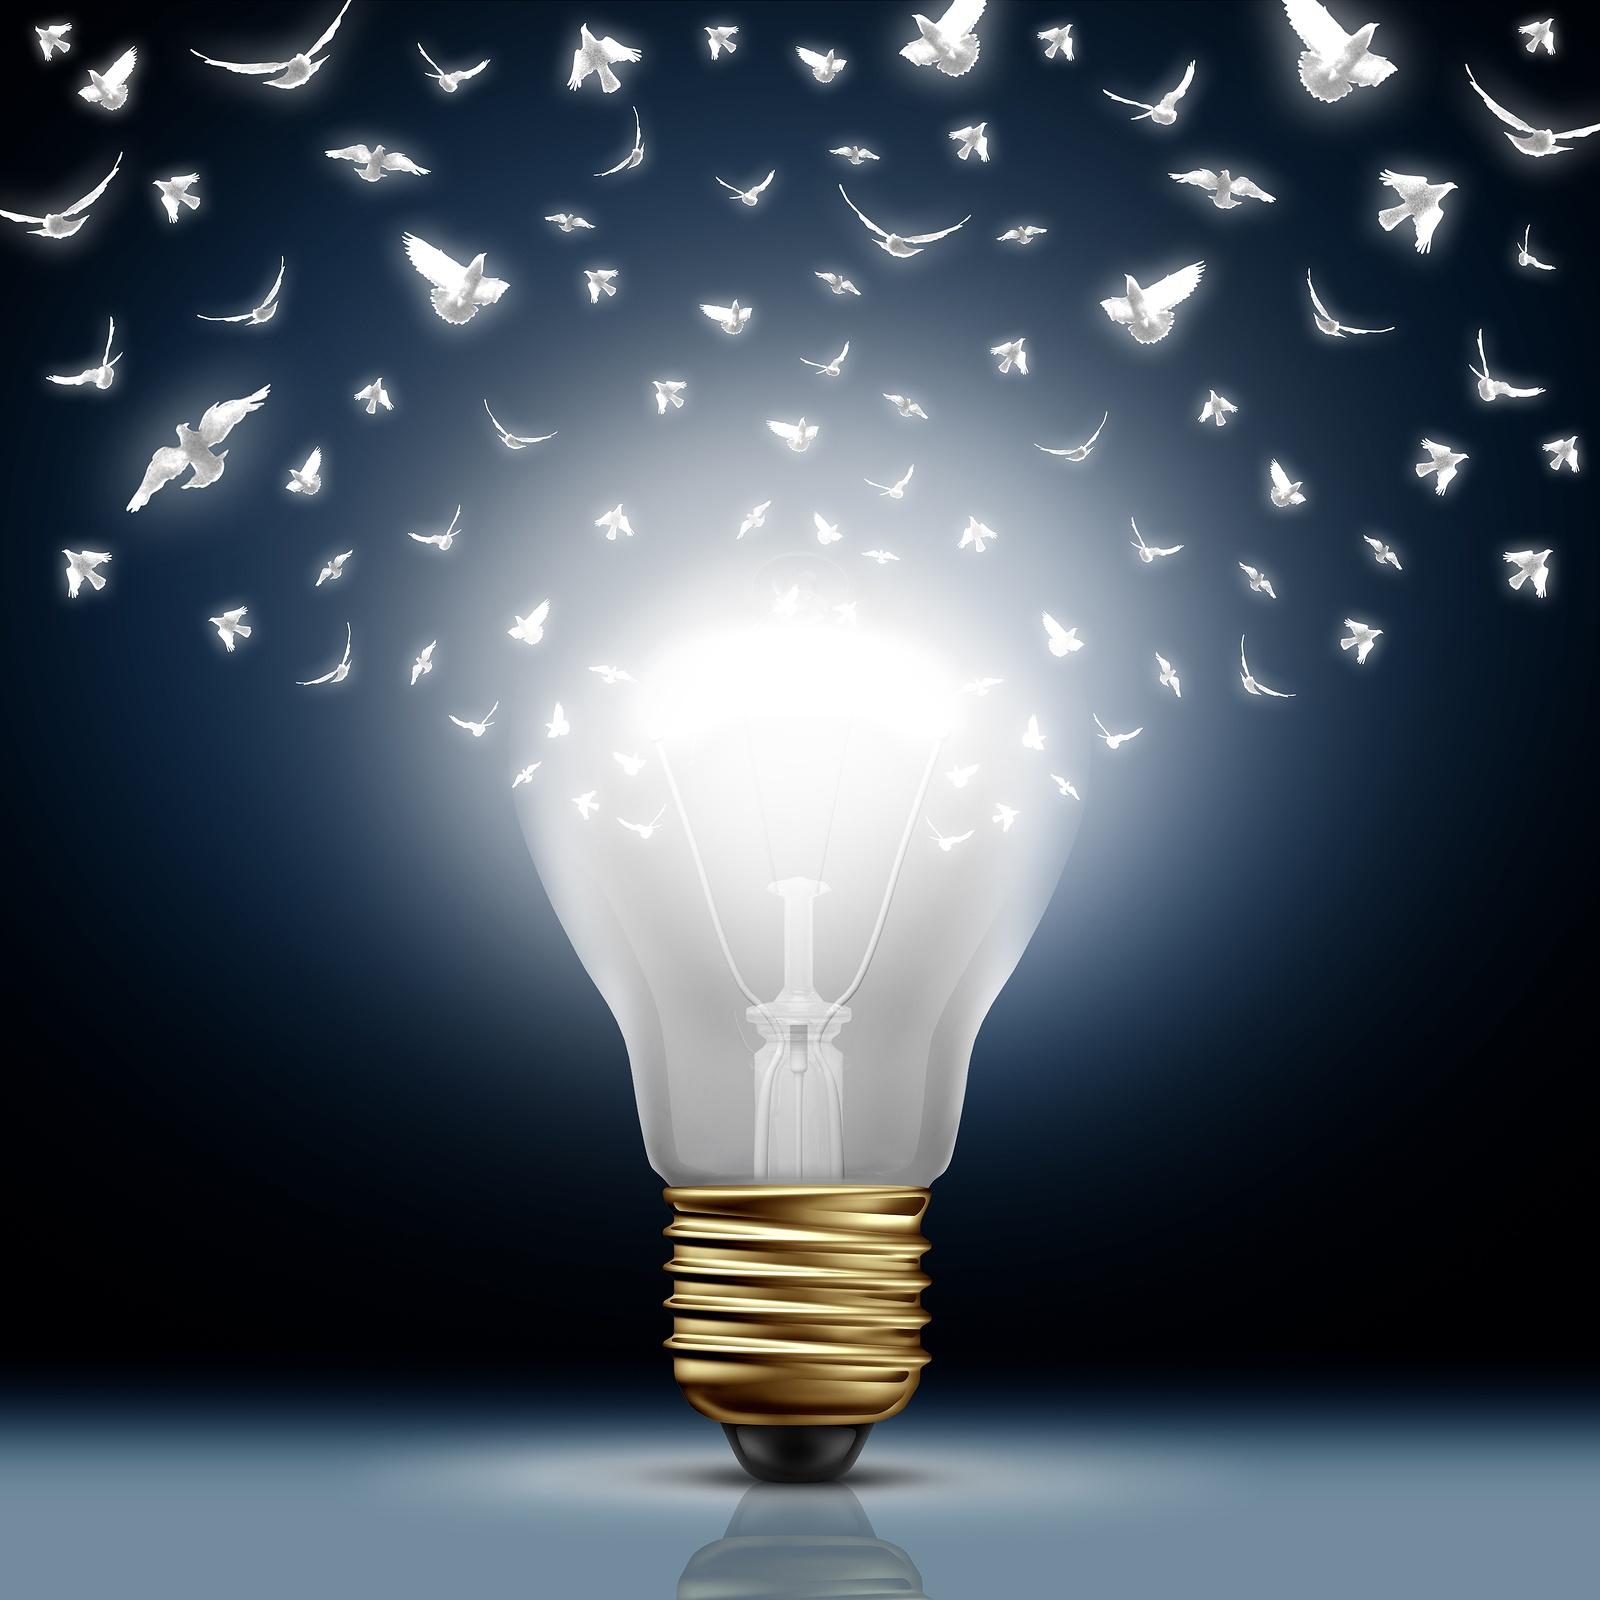 bigstock-Creative-Start-114137882.jpg